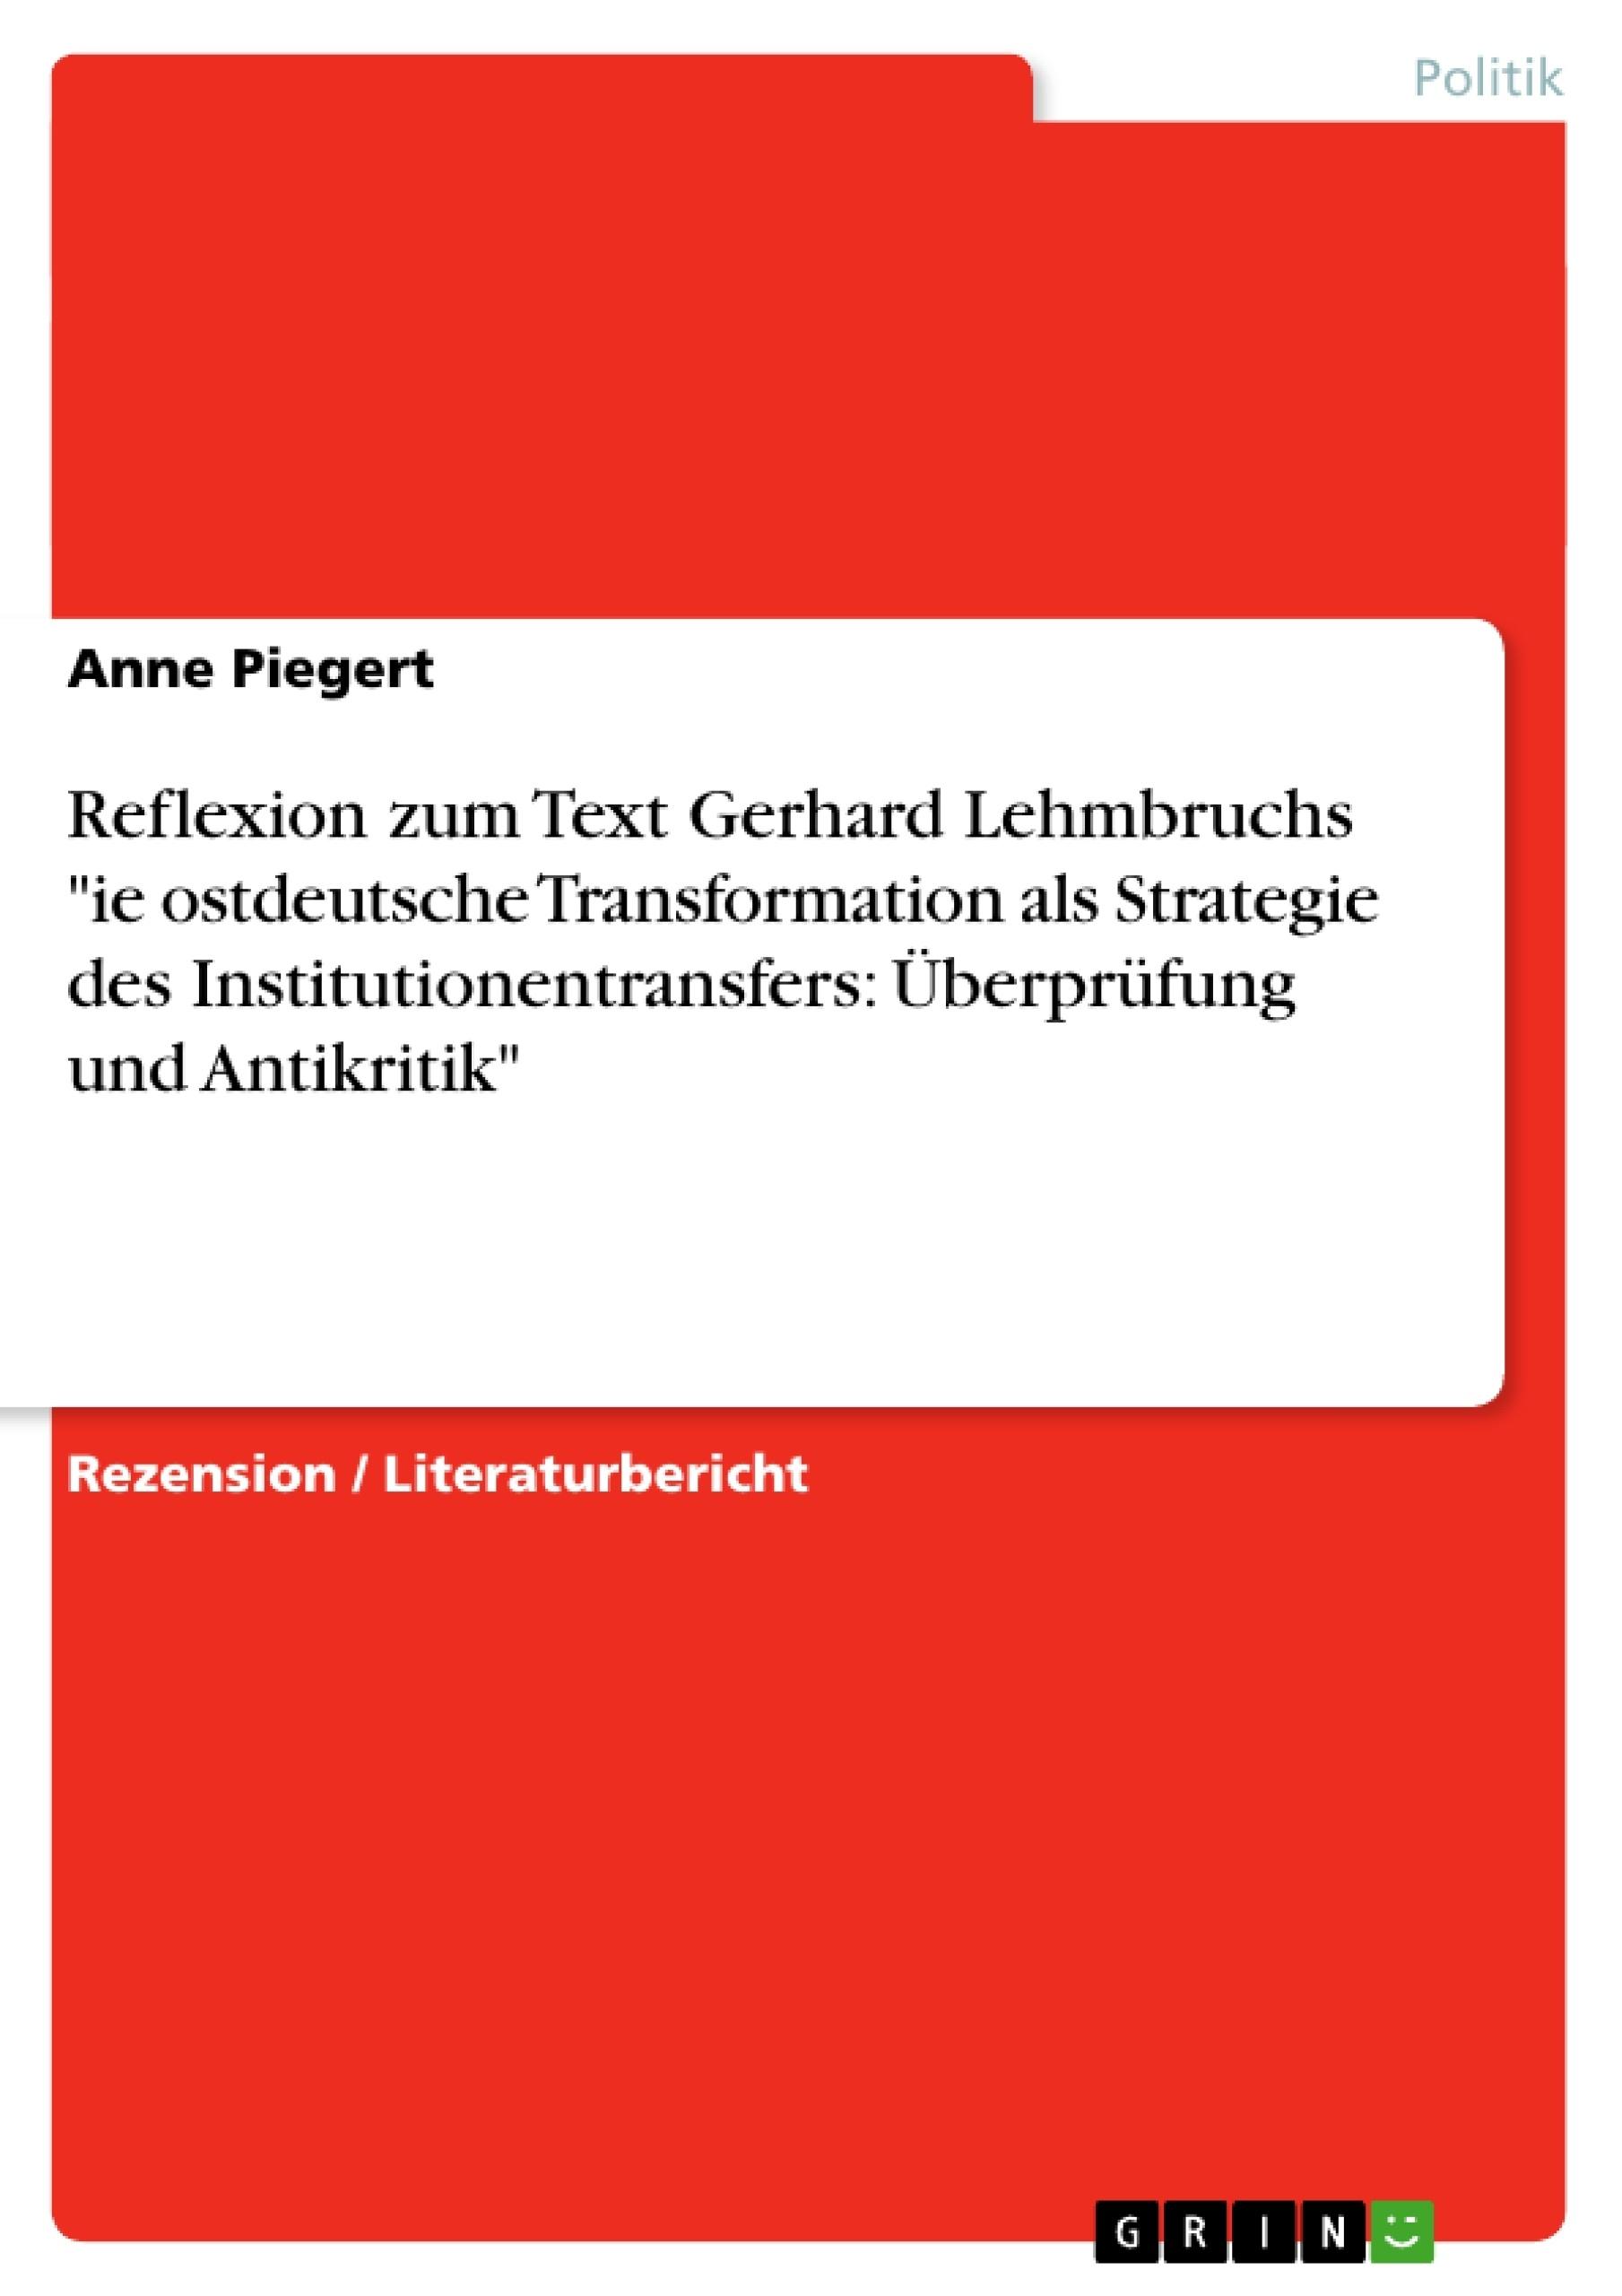 """Titel: Reflexion zum Text Gerhard Lehmbruchs """"ie ostdeutsche Transformation als Strategie des Institutionentransfers: Überprüfung und Antikritik"""""""